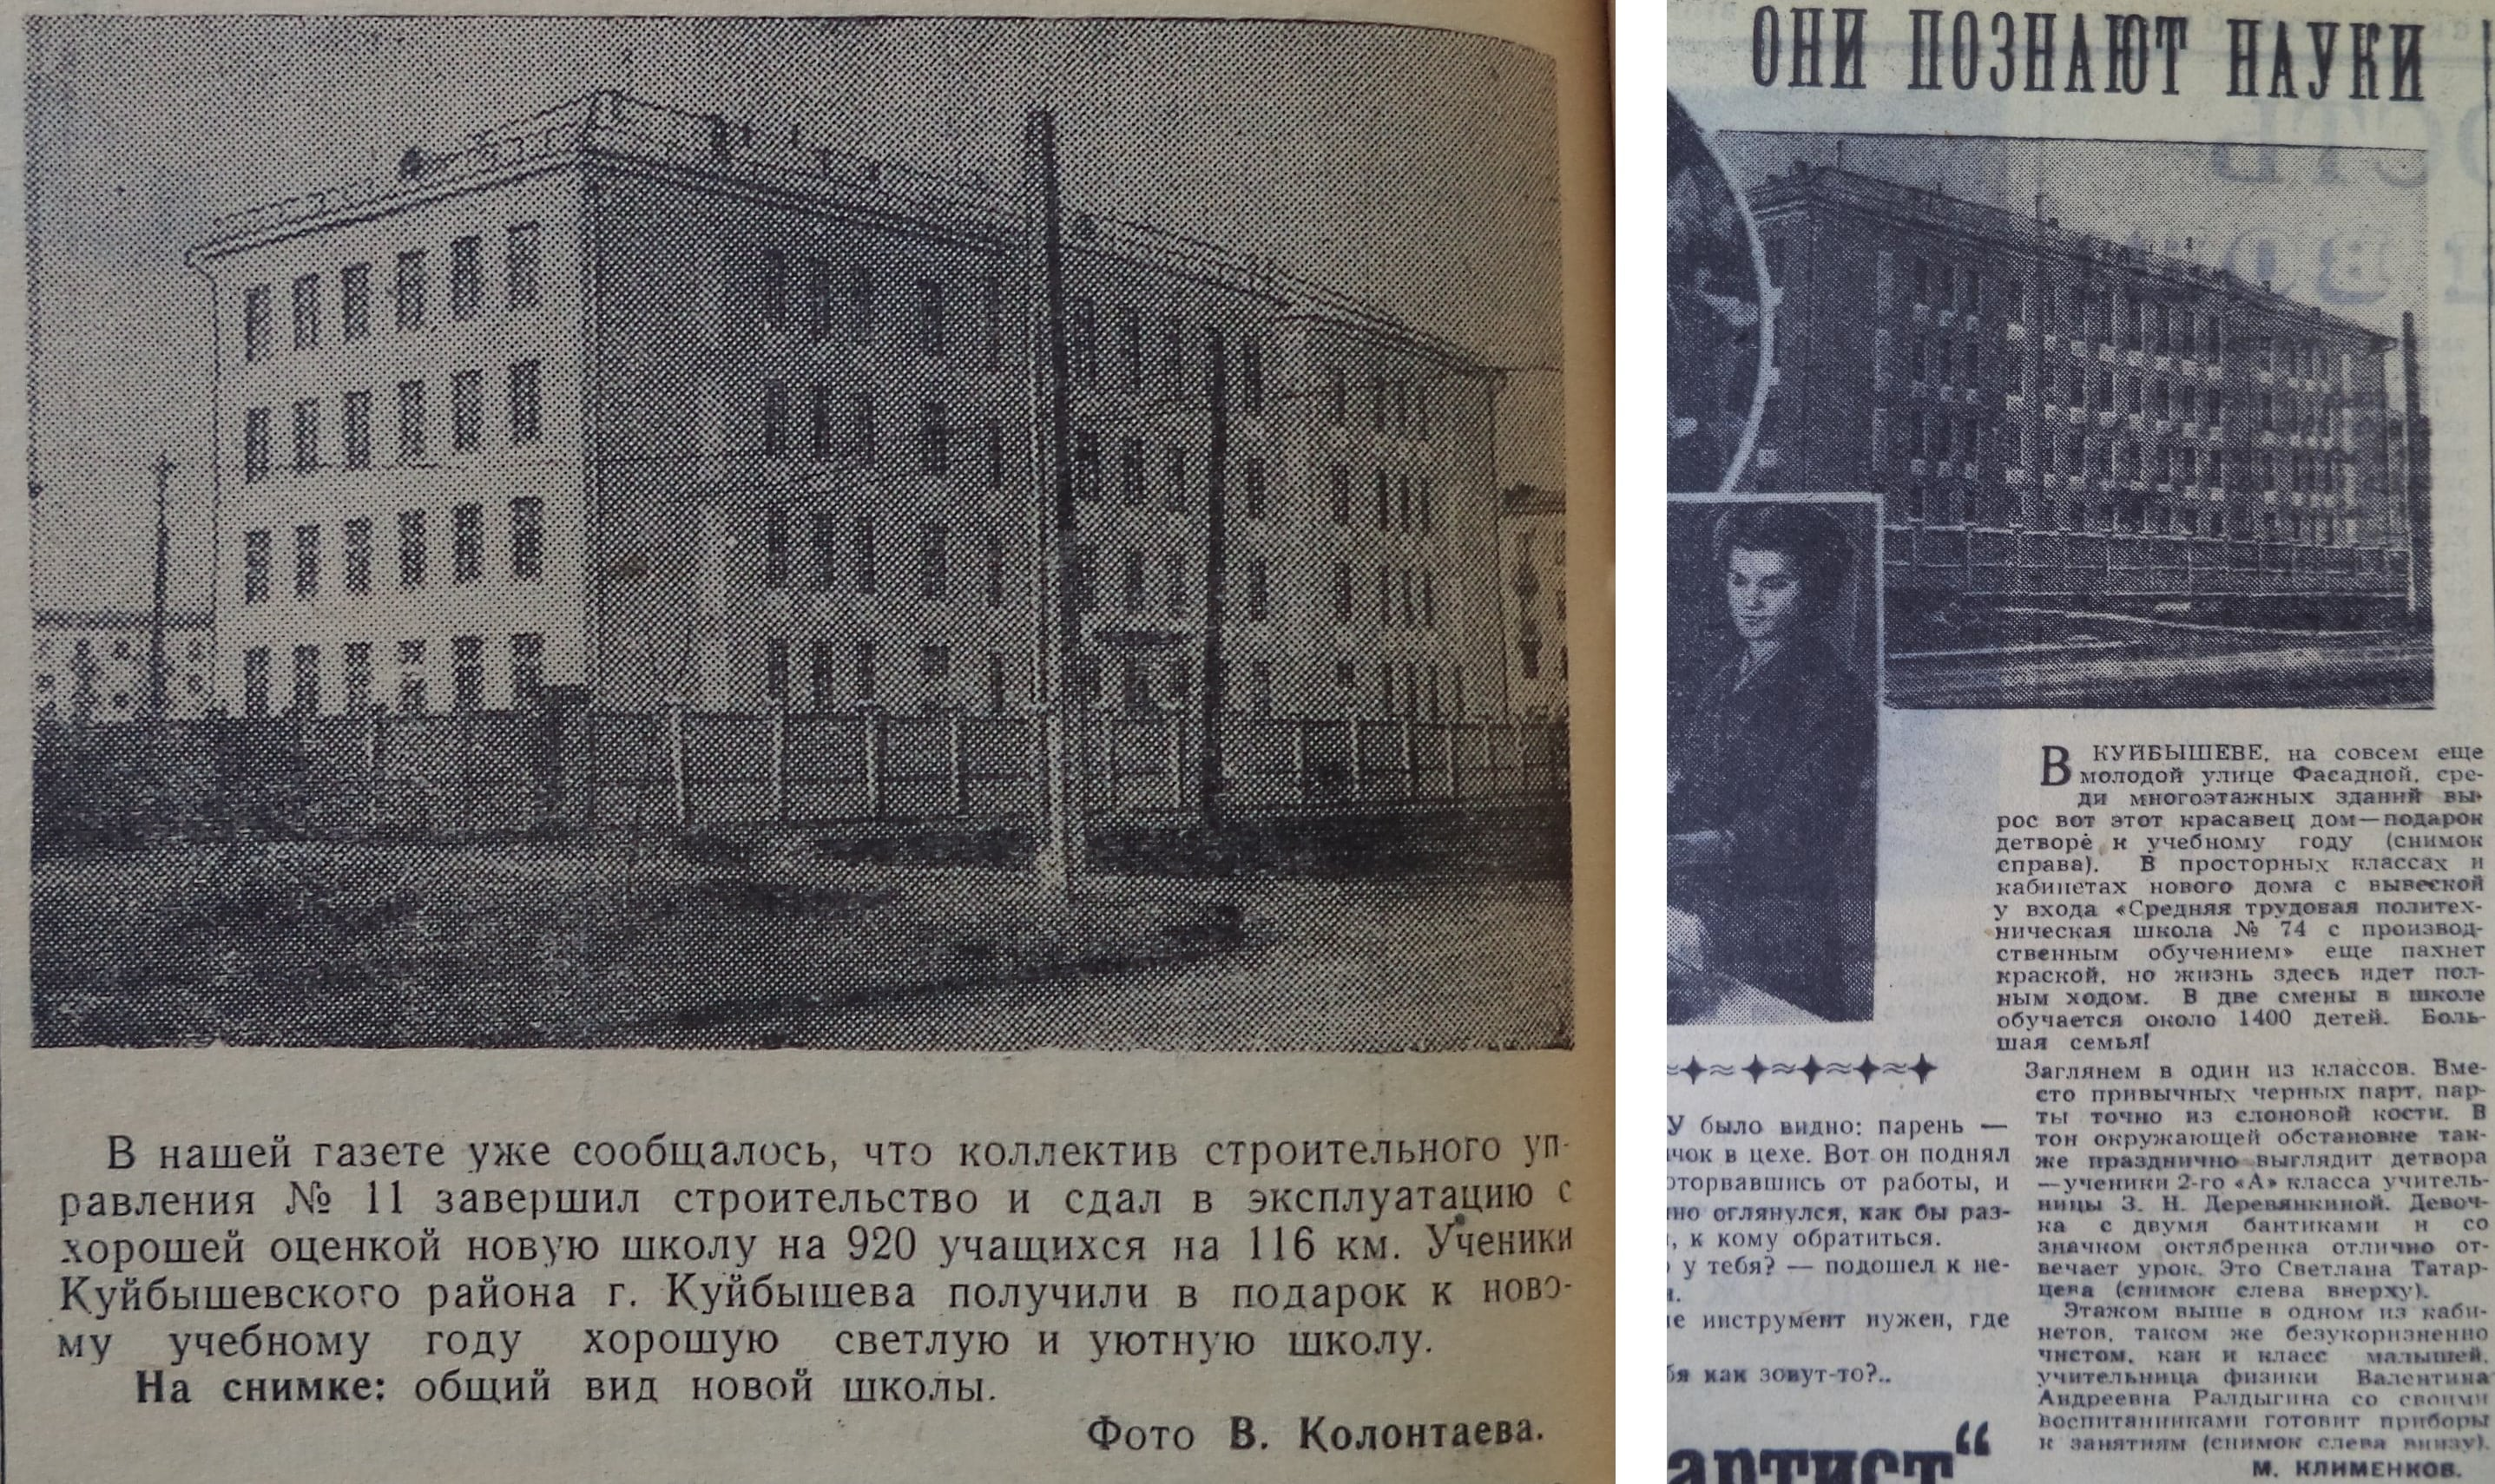 Фасадная-ФОТО-23-За Передовую Стройку-1959-18 сентября-min-min